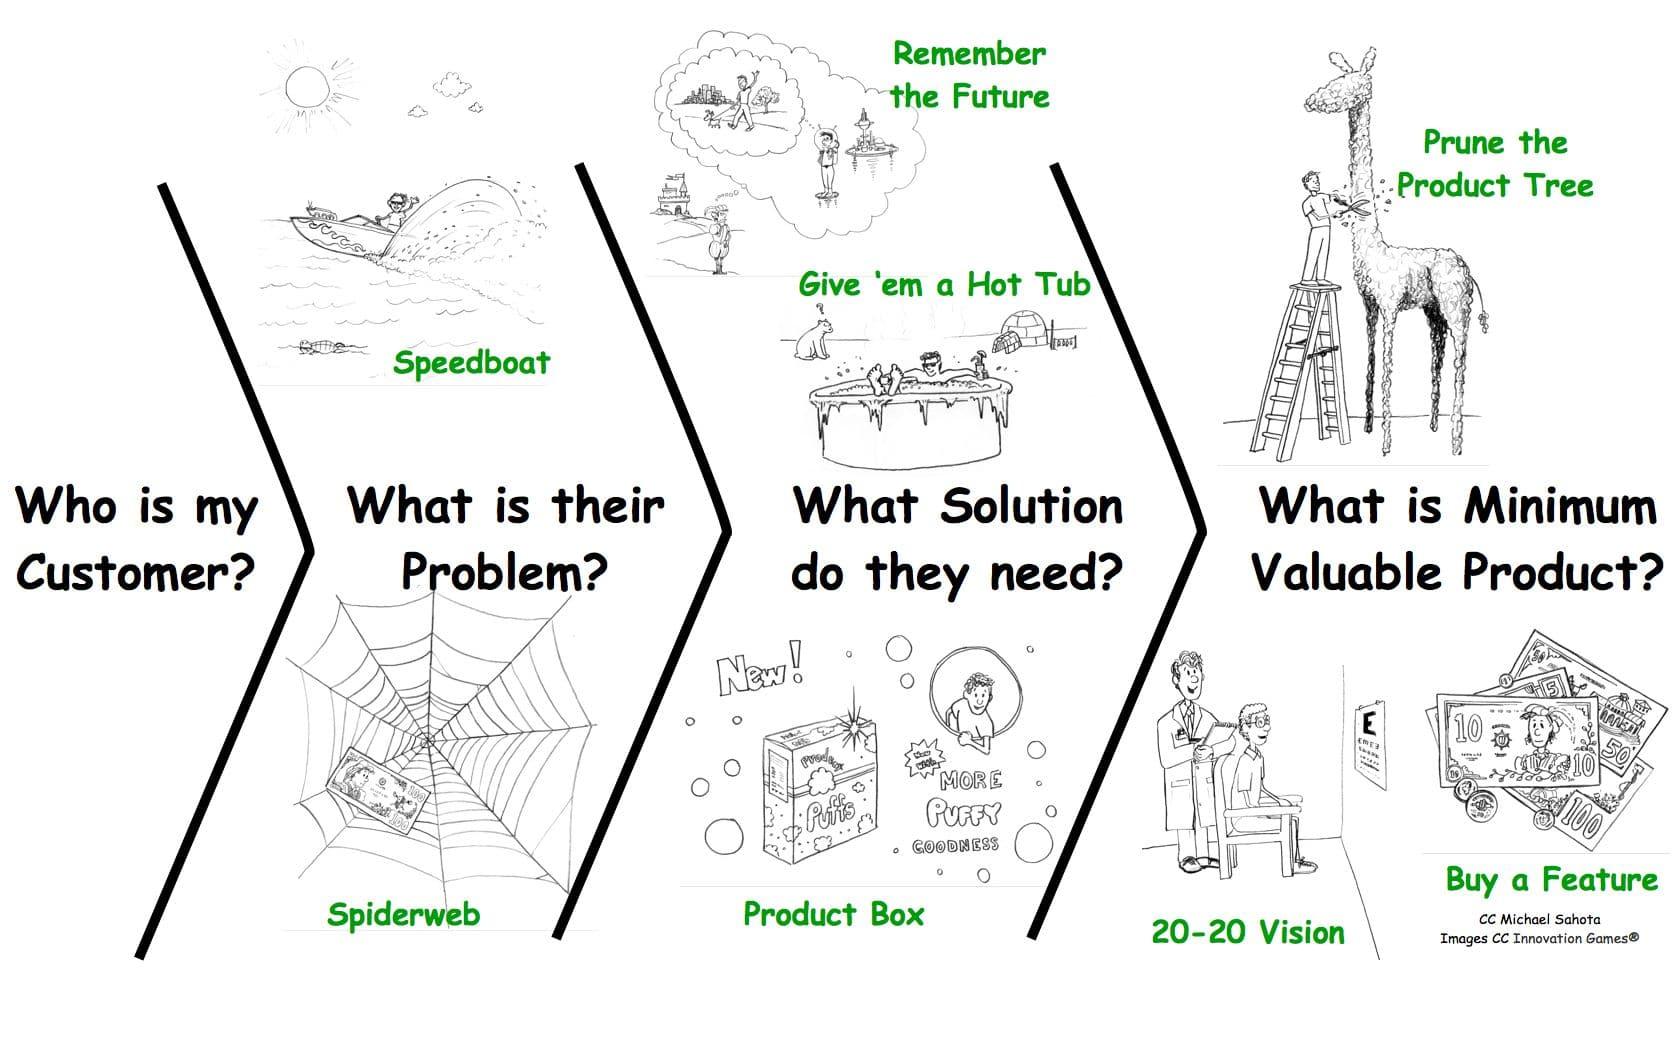 Innovation Games Connaitre Les Envies Cachees De Ses